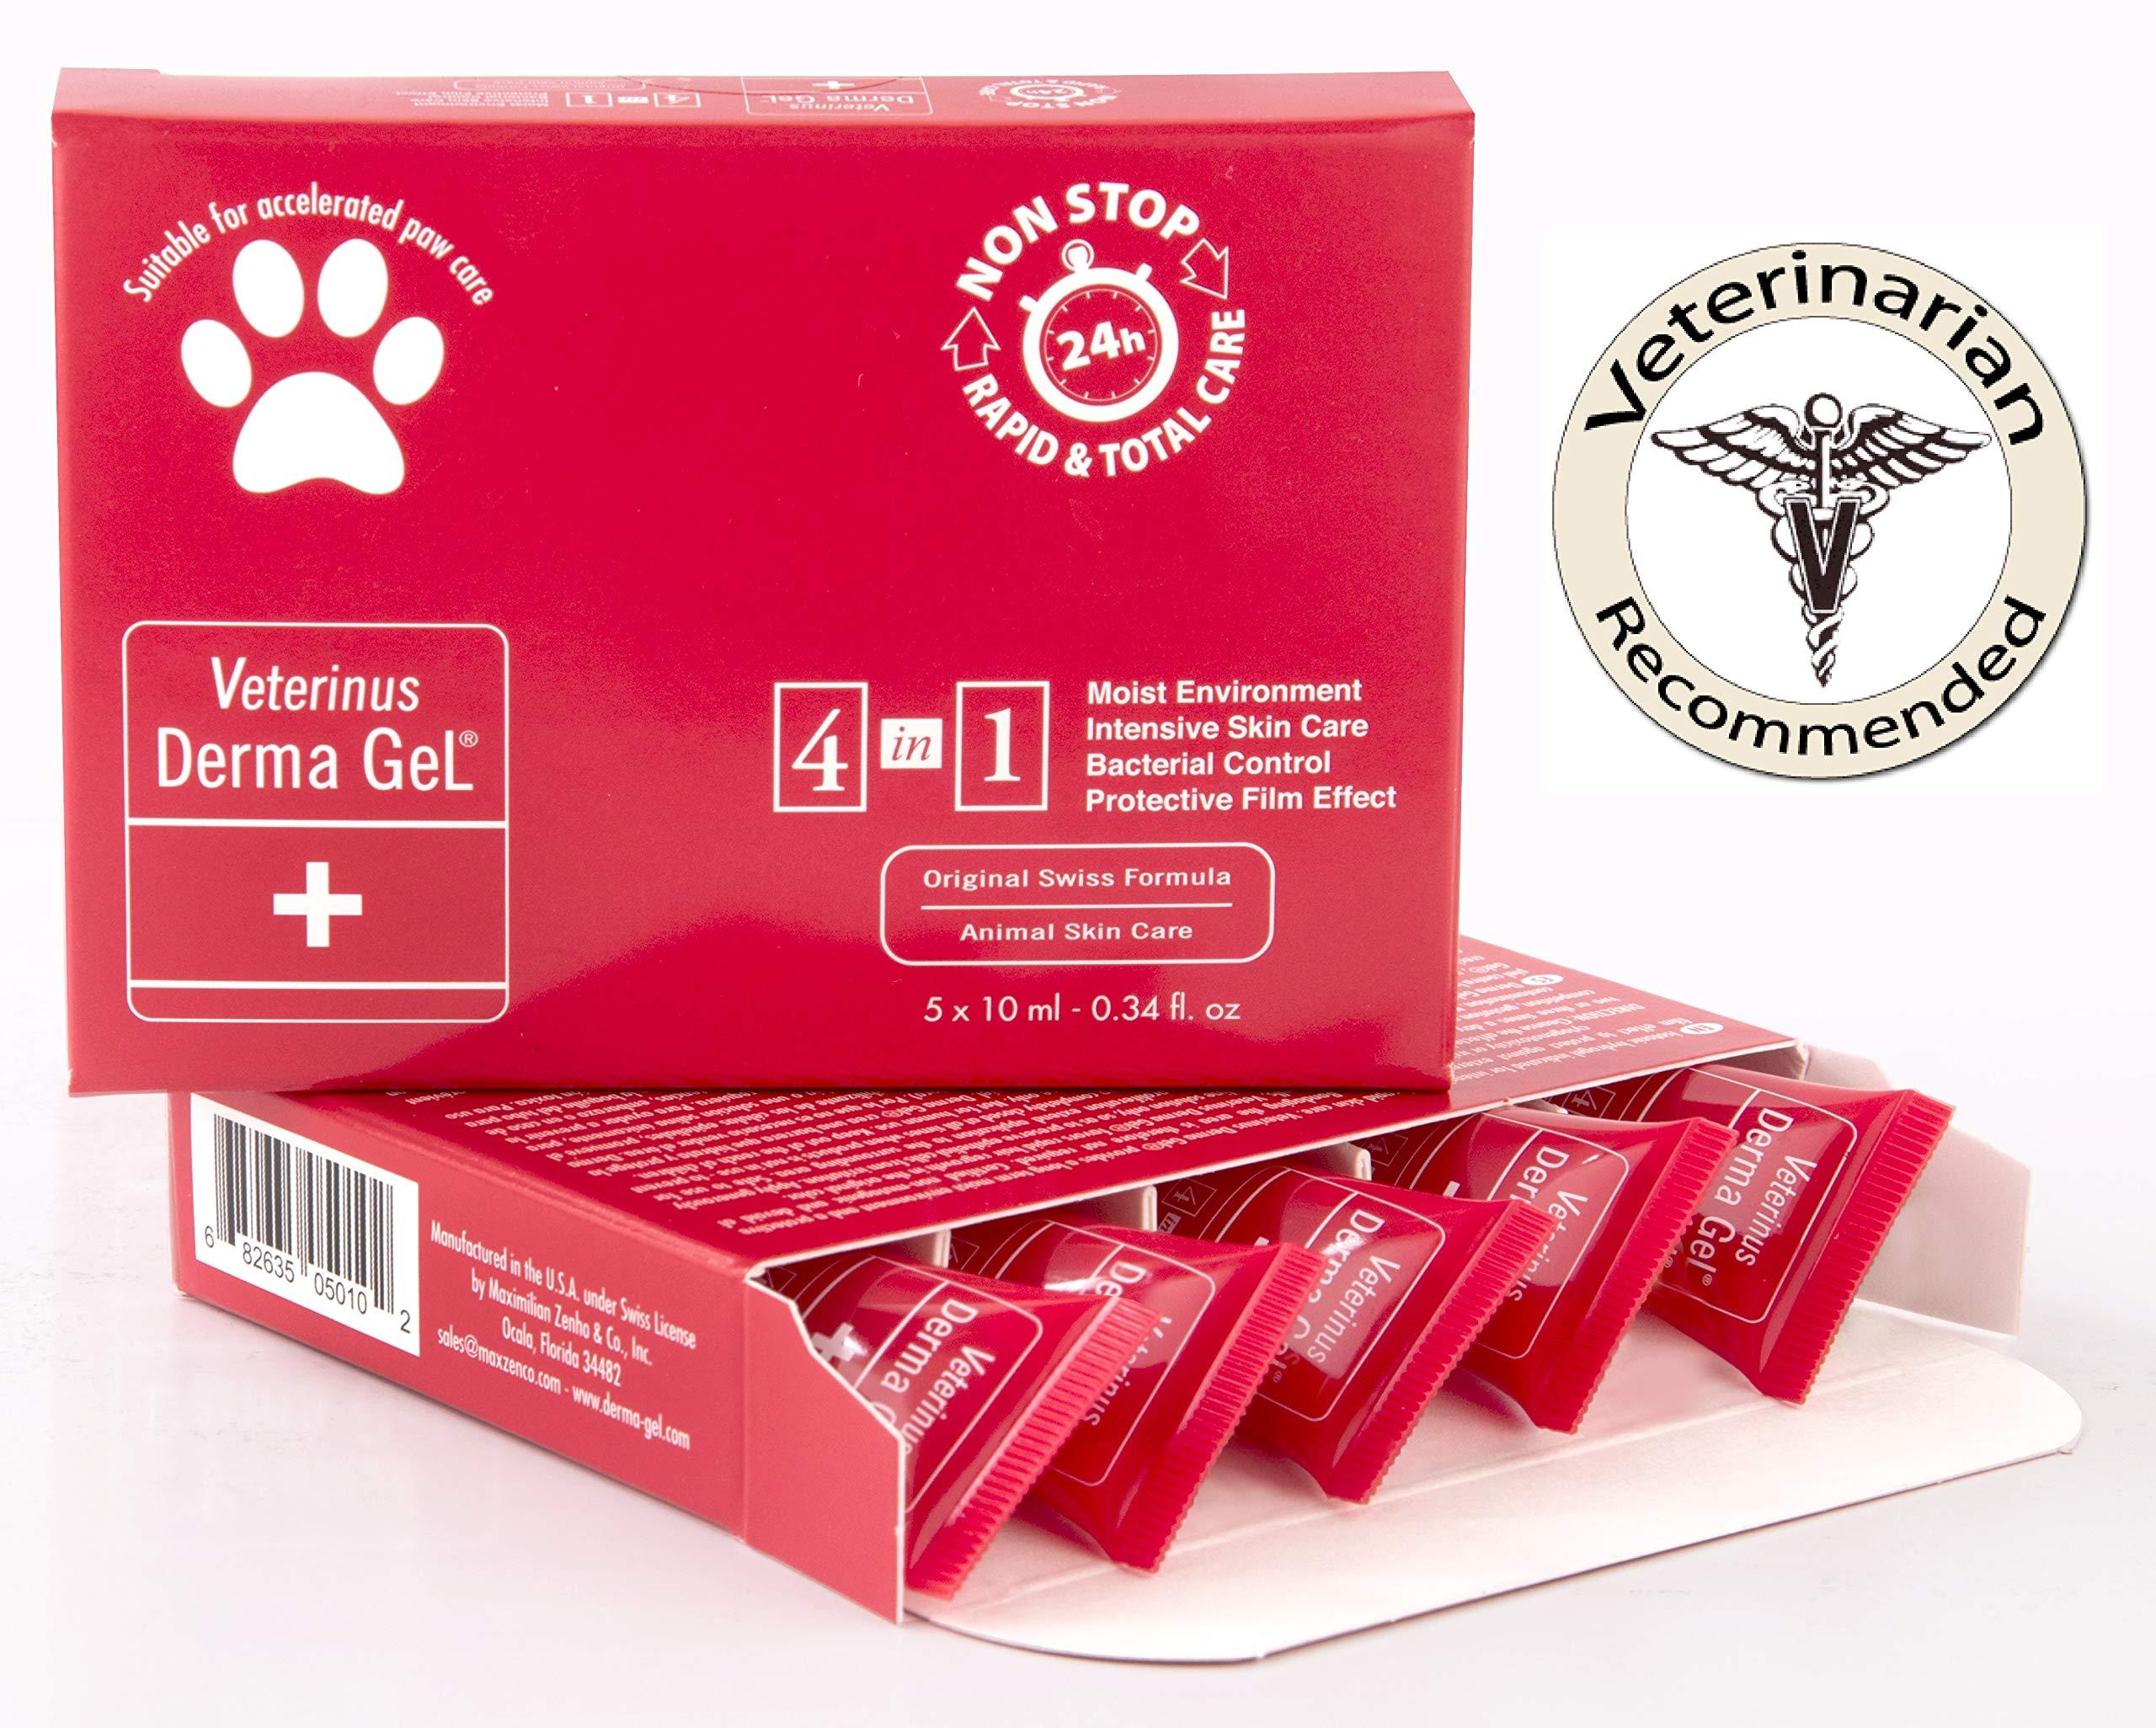 Veterinus Derma GeL PAW Care Pack with 5 x Mini Tubes 10mL - 0.34 fl.oz. by Veterinus Derma GeL